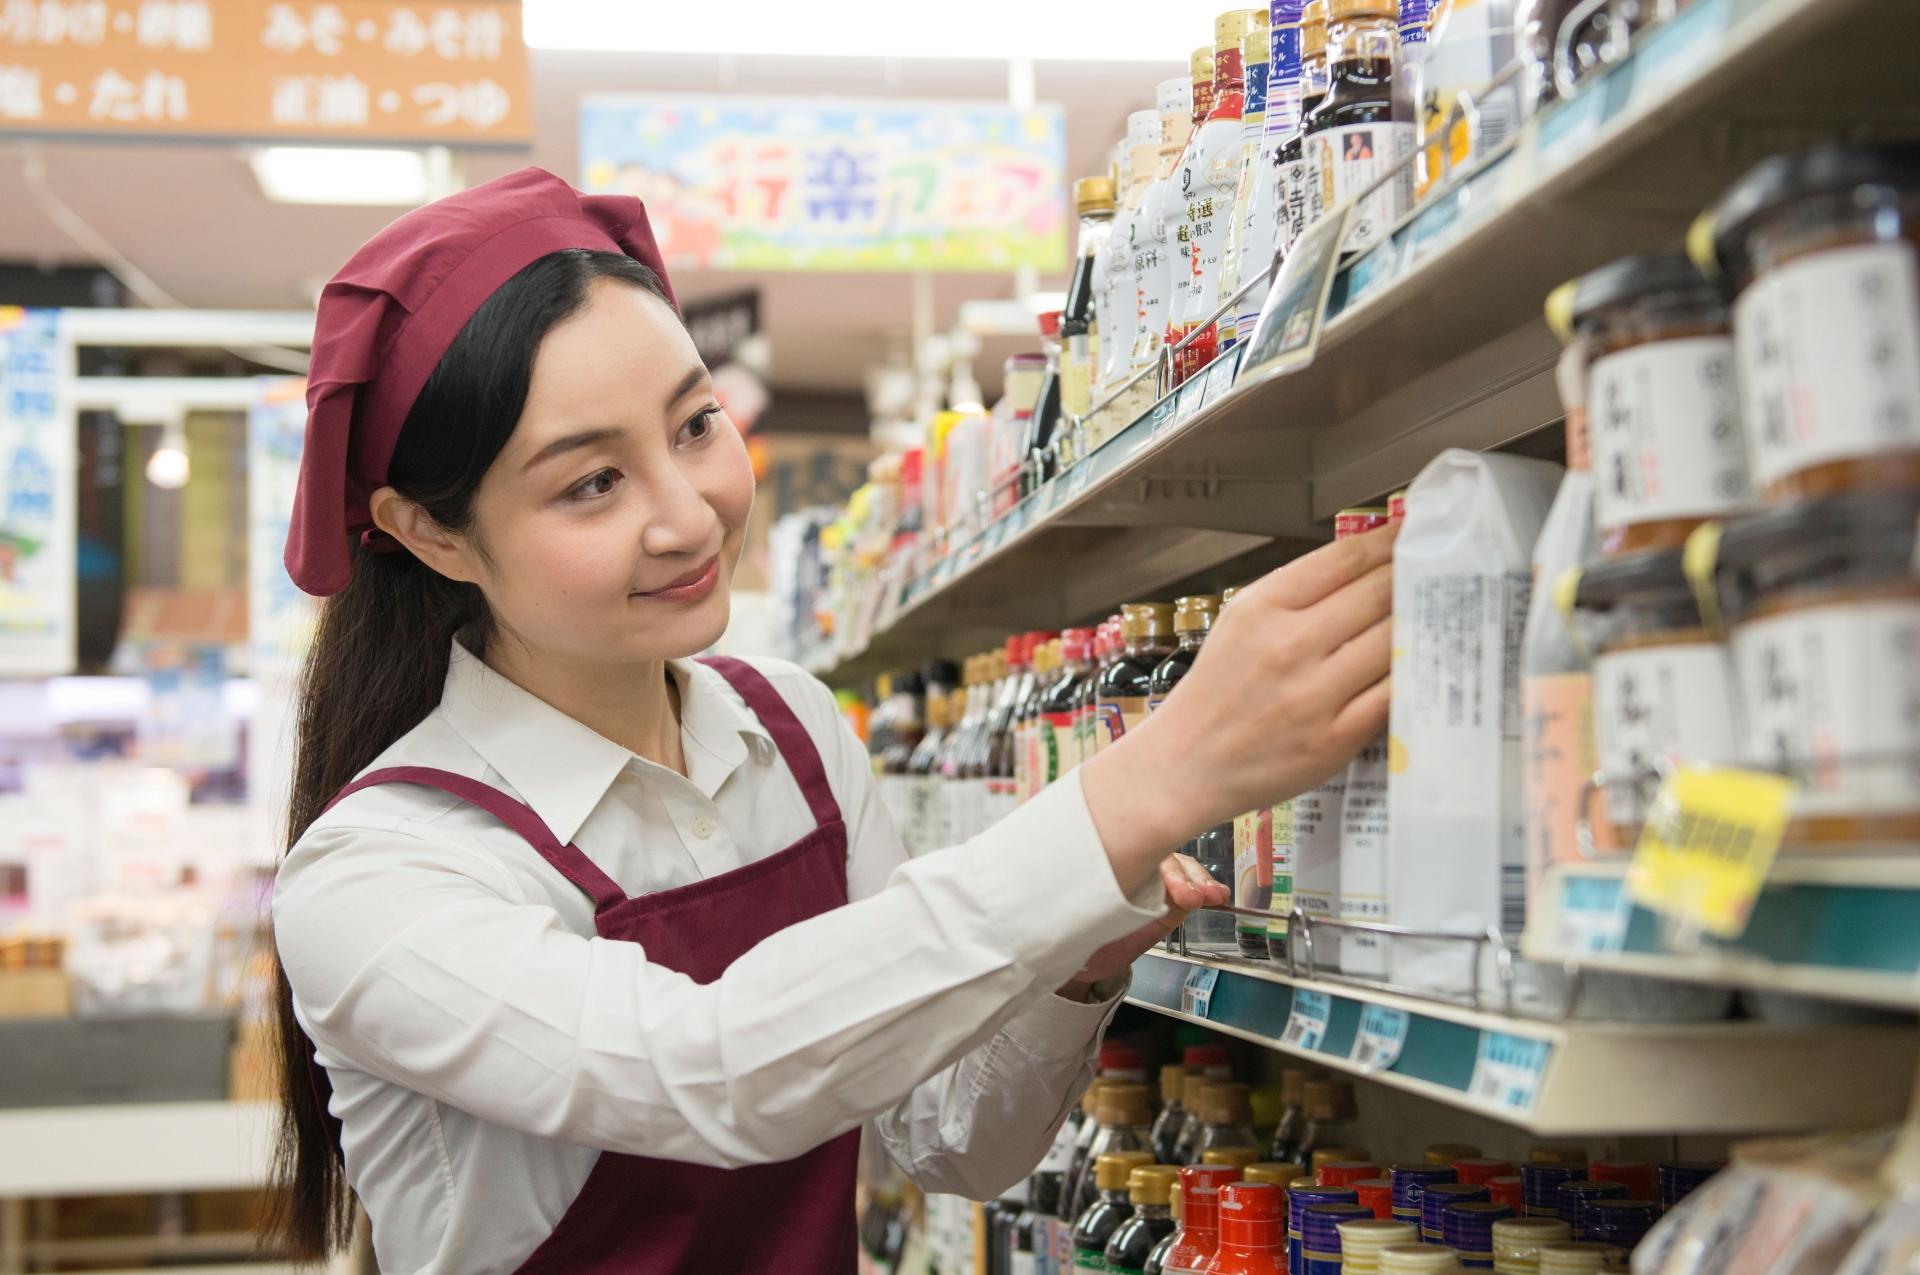 商品の整理をする女性